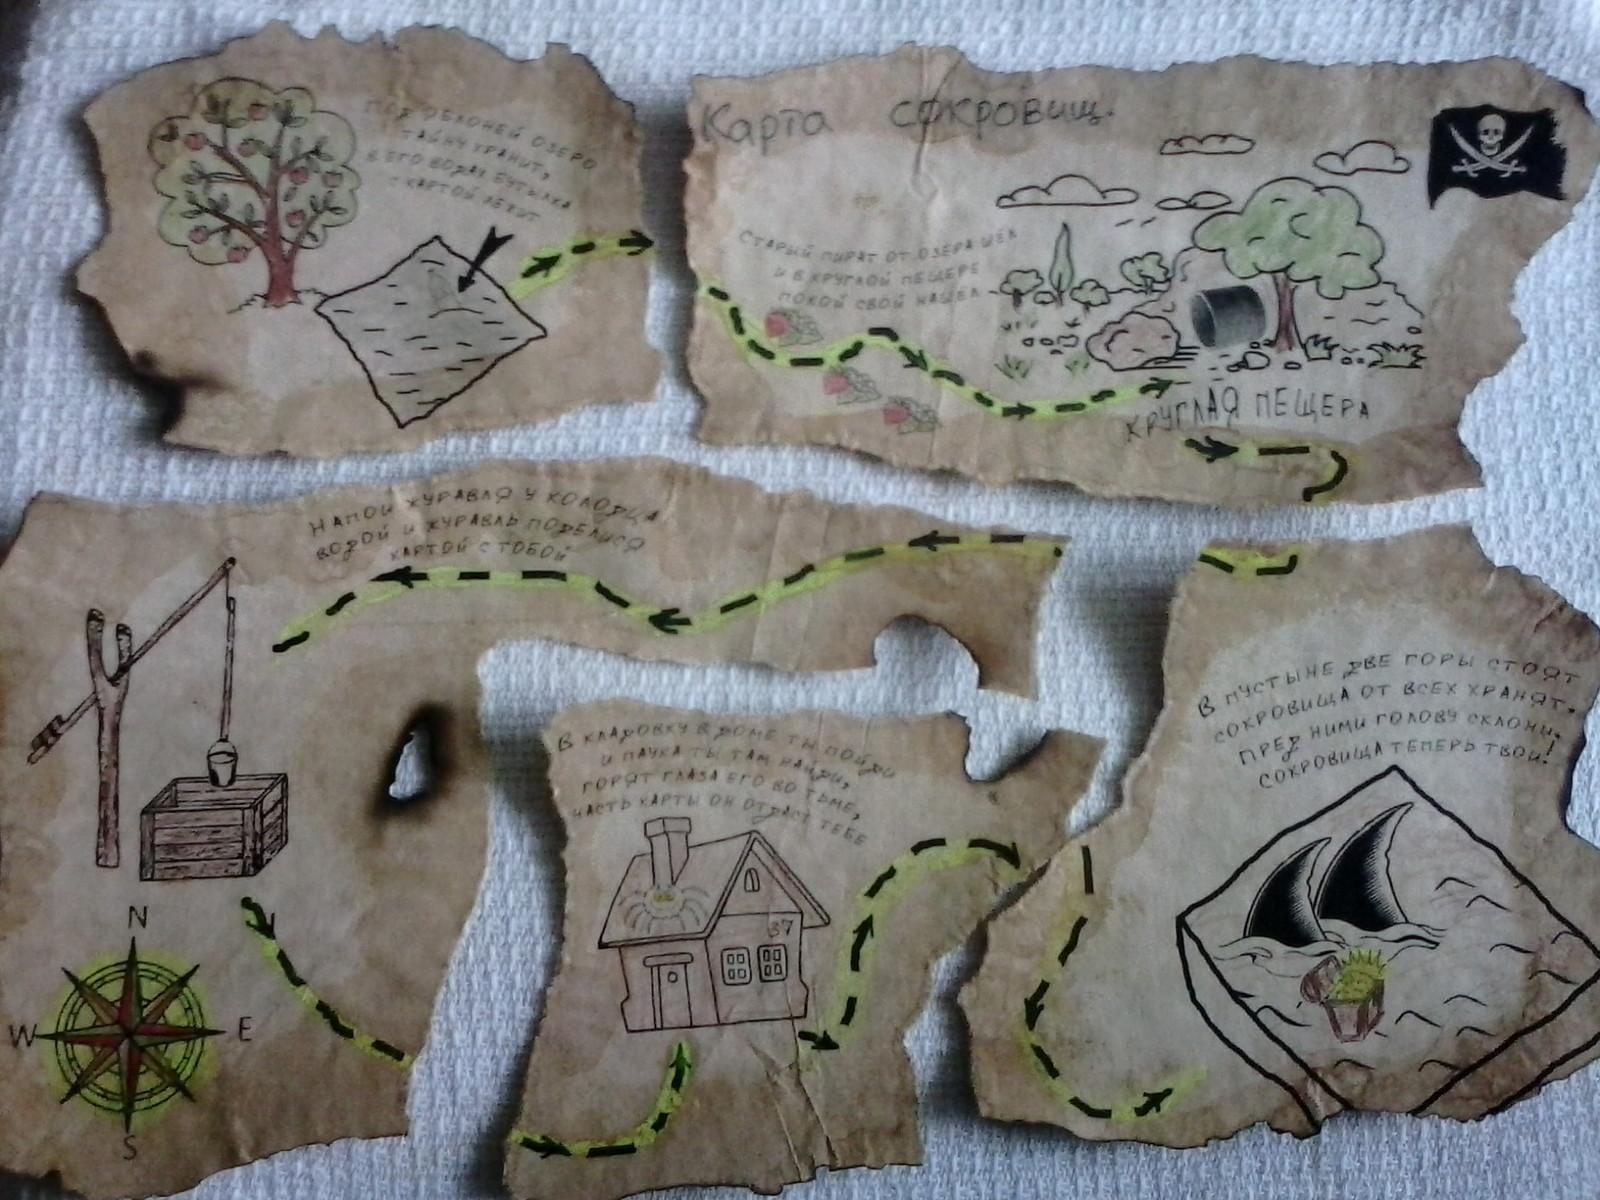 Как играть в карту с сокровищами с детьми игровая зона казино муровьиная бухта владивостока